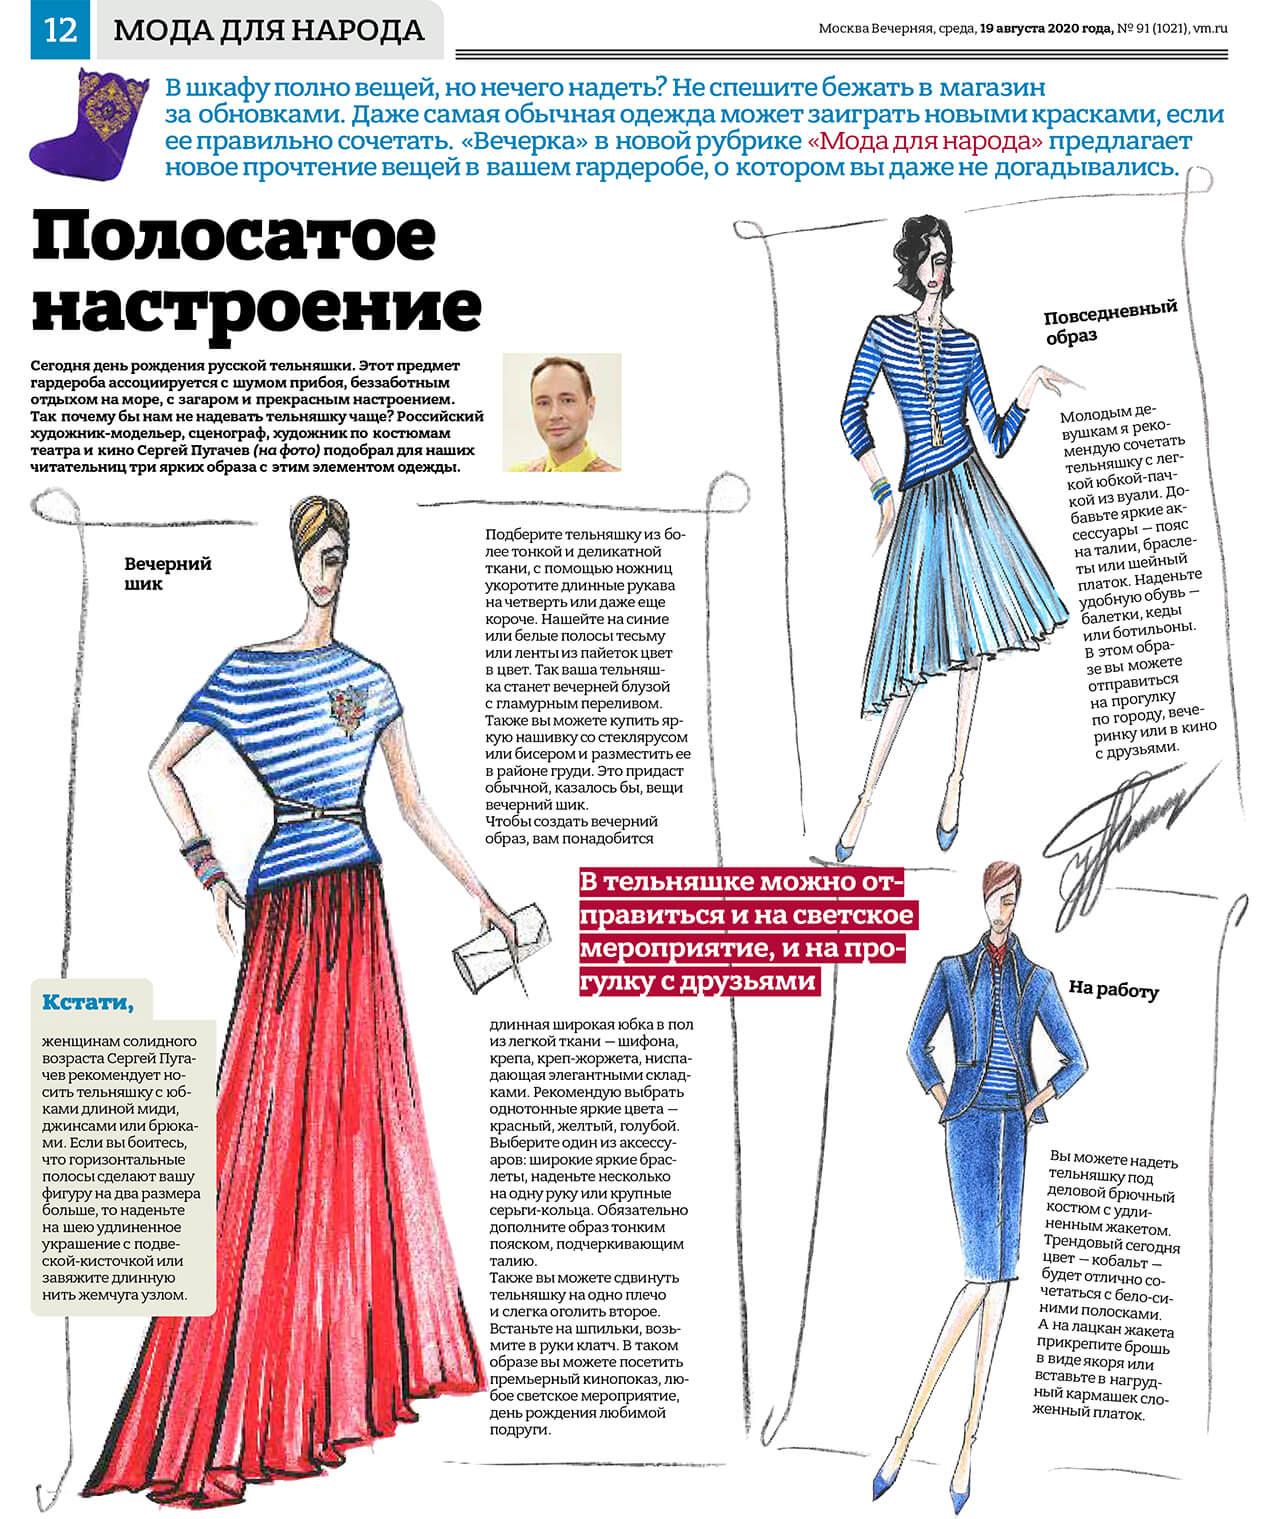 Публикация_в_СМИ